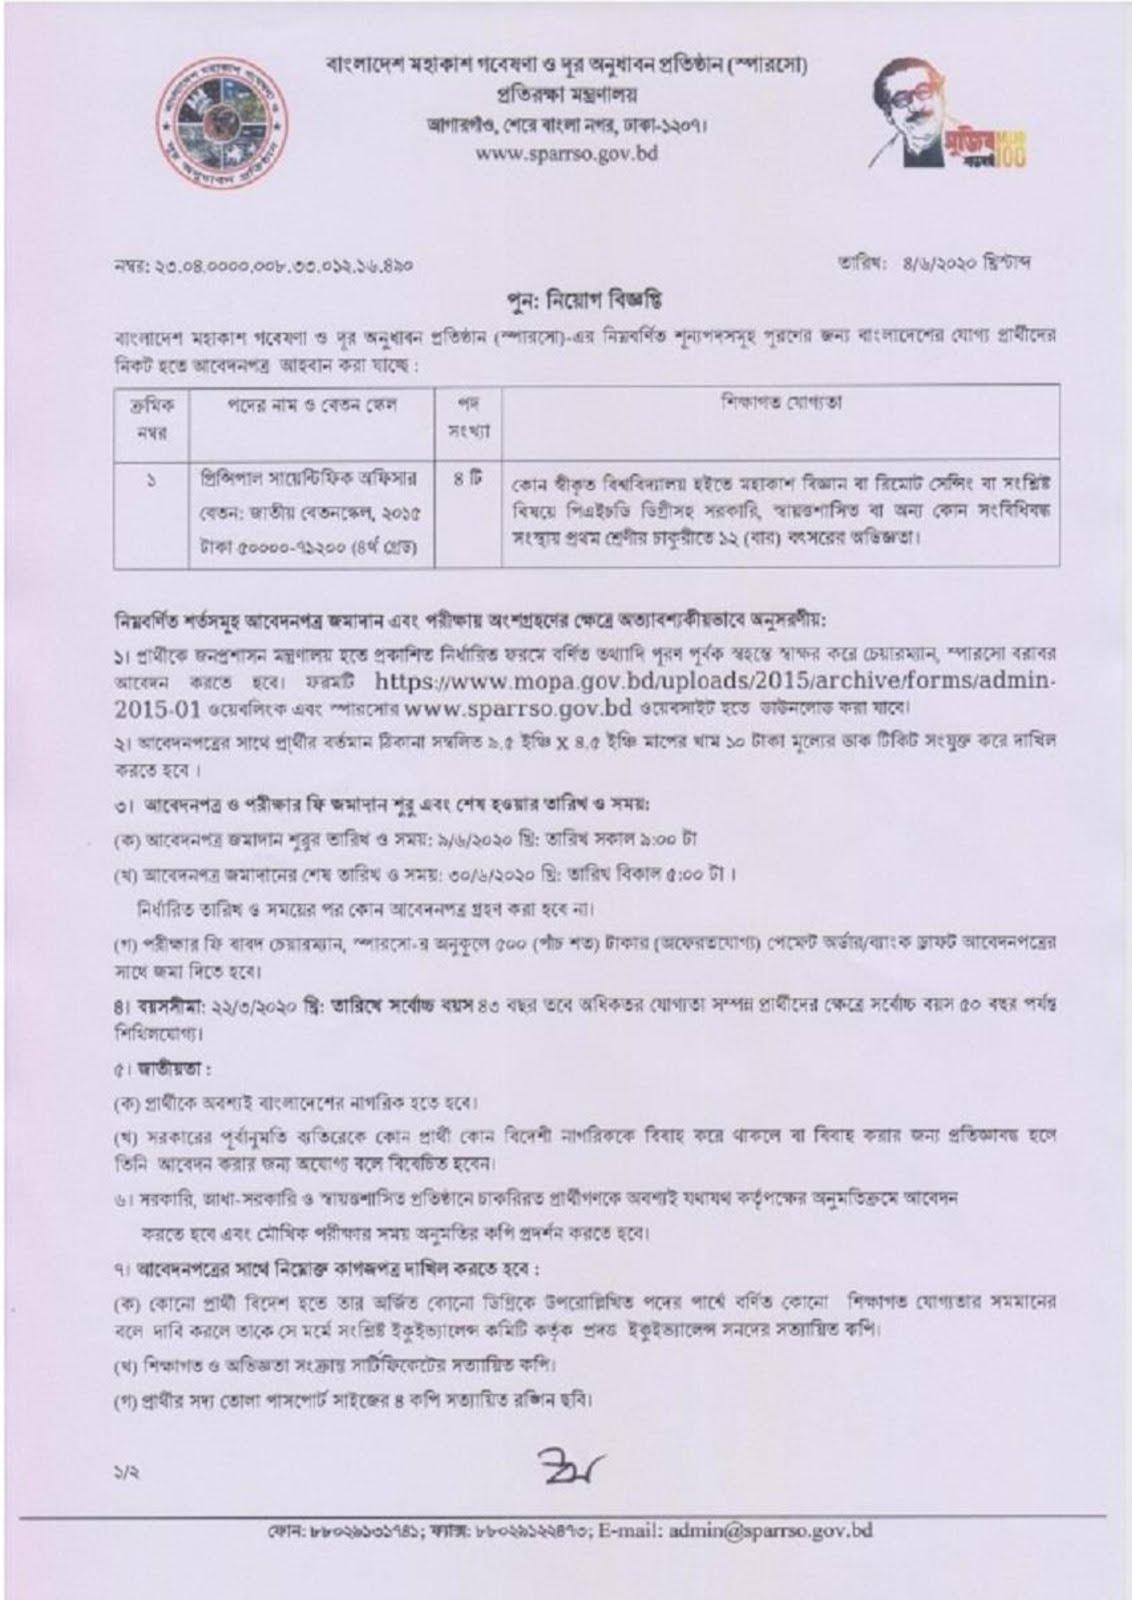 বাংলাদেশ মহাকাশ গবেষণা ও দুর অনুধাবন প্রতিষ্ঠান (স্পারসো) চাকরির খবর